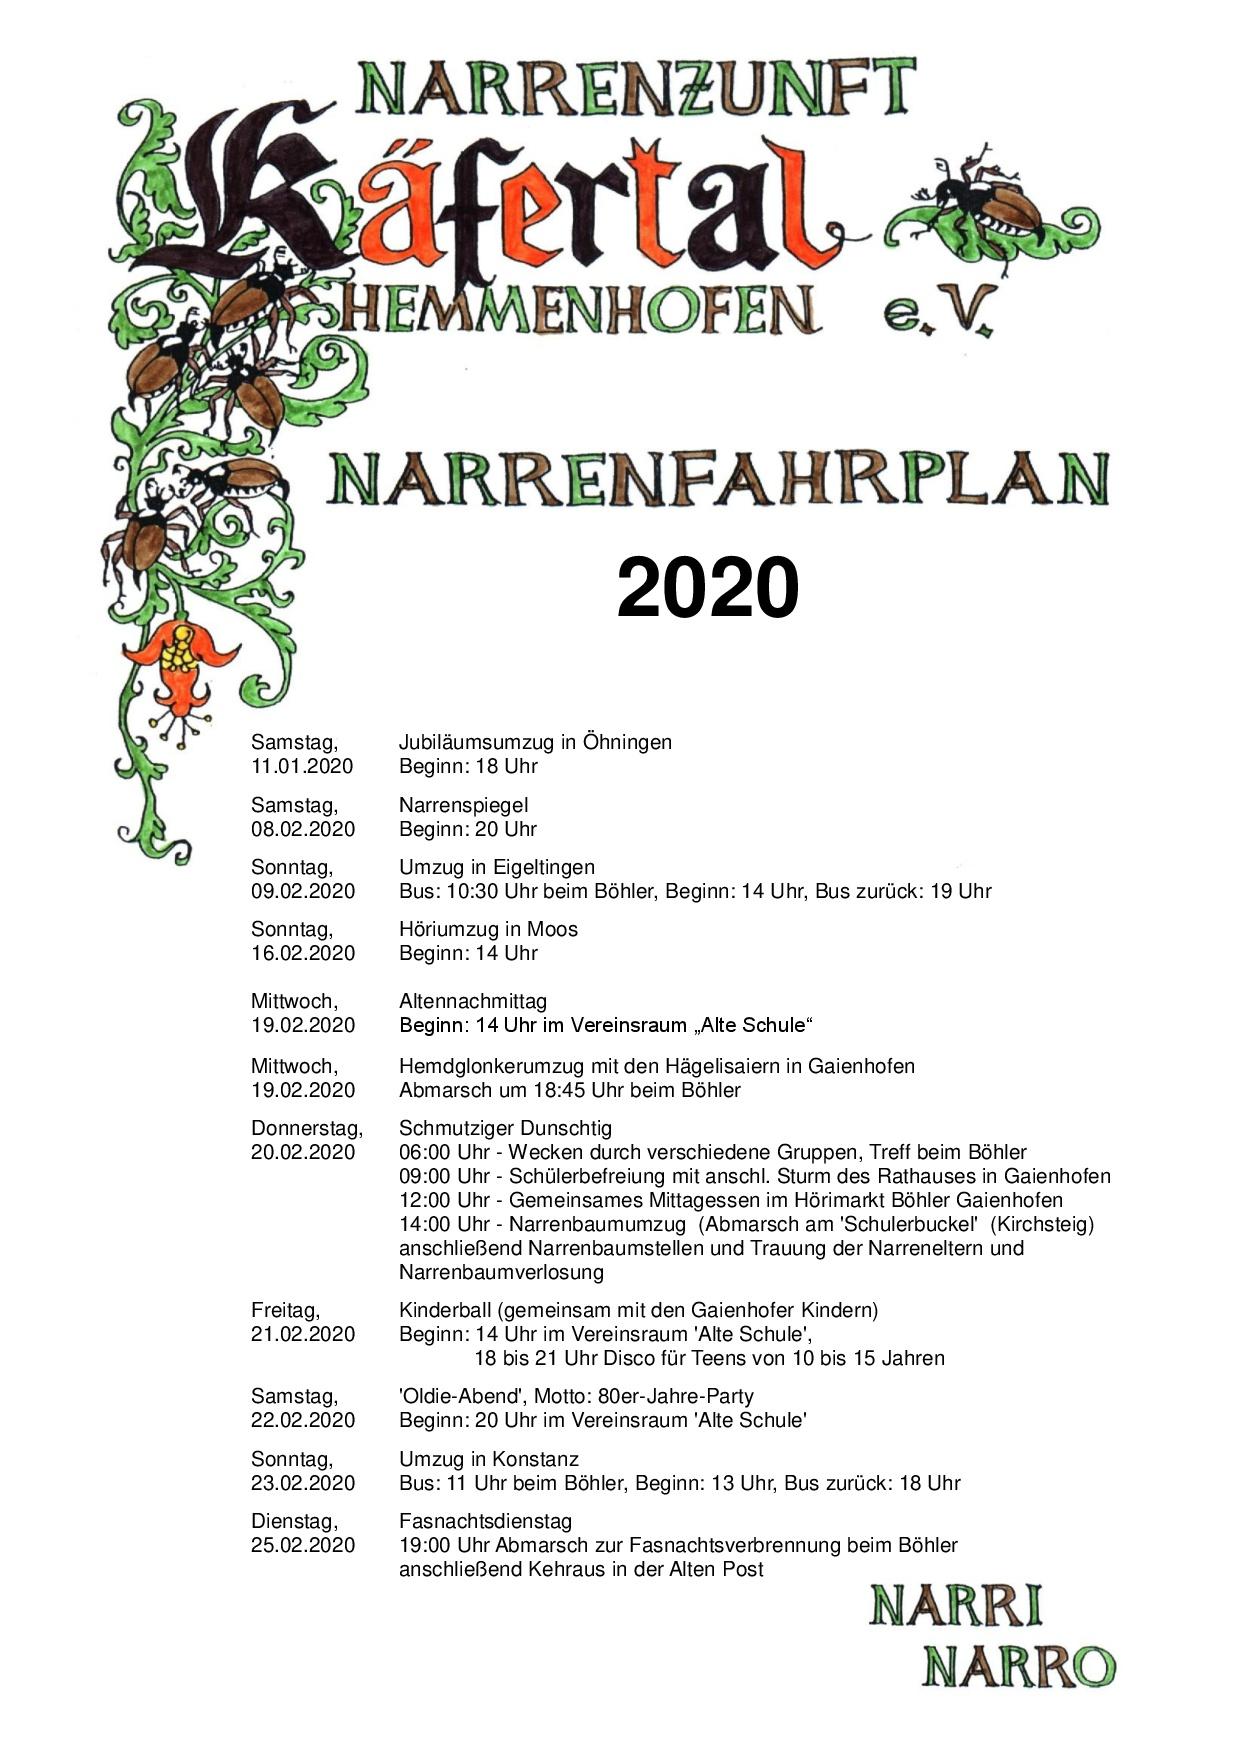 Narrenfahrplan_2020 (1)-001